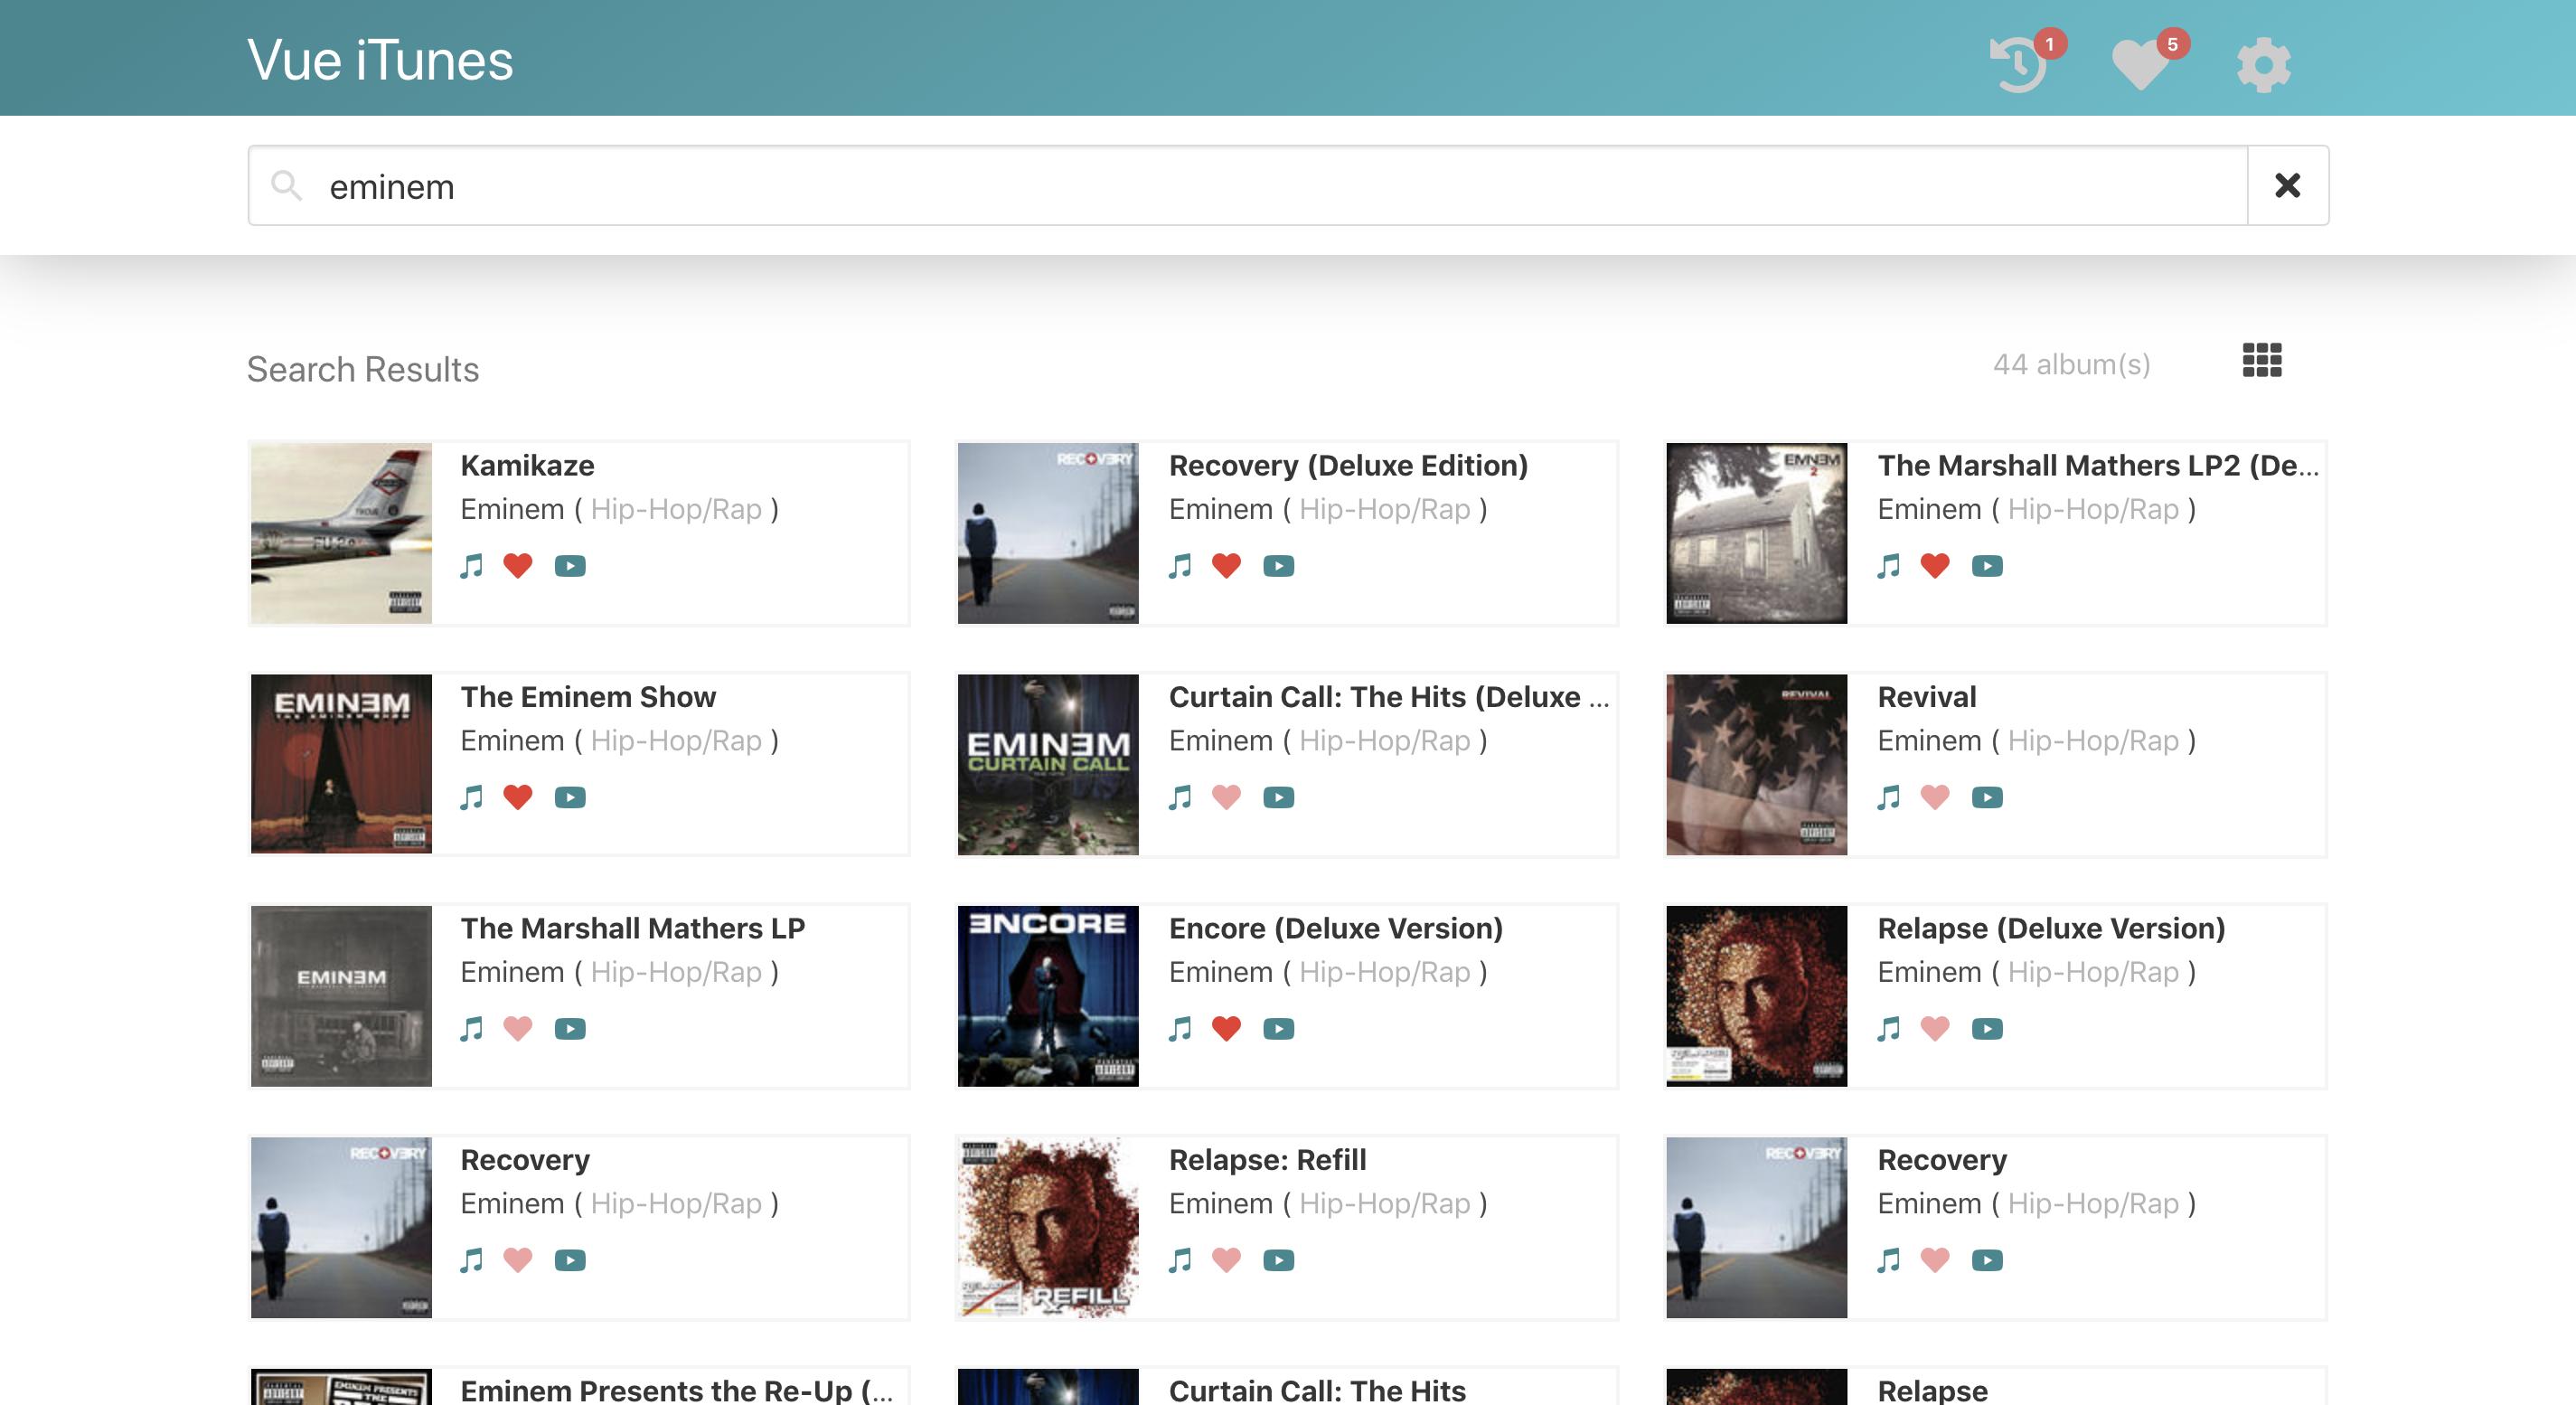 vue-itunes-album-search-bookmark